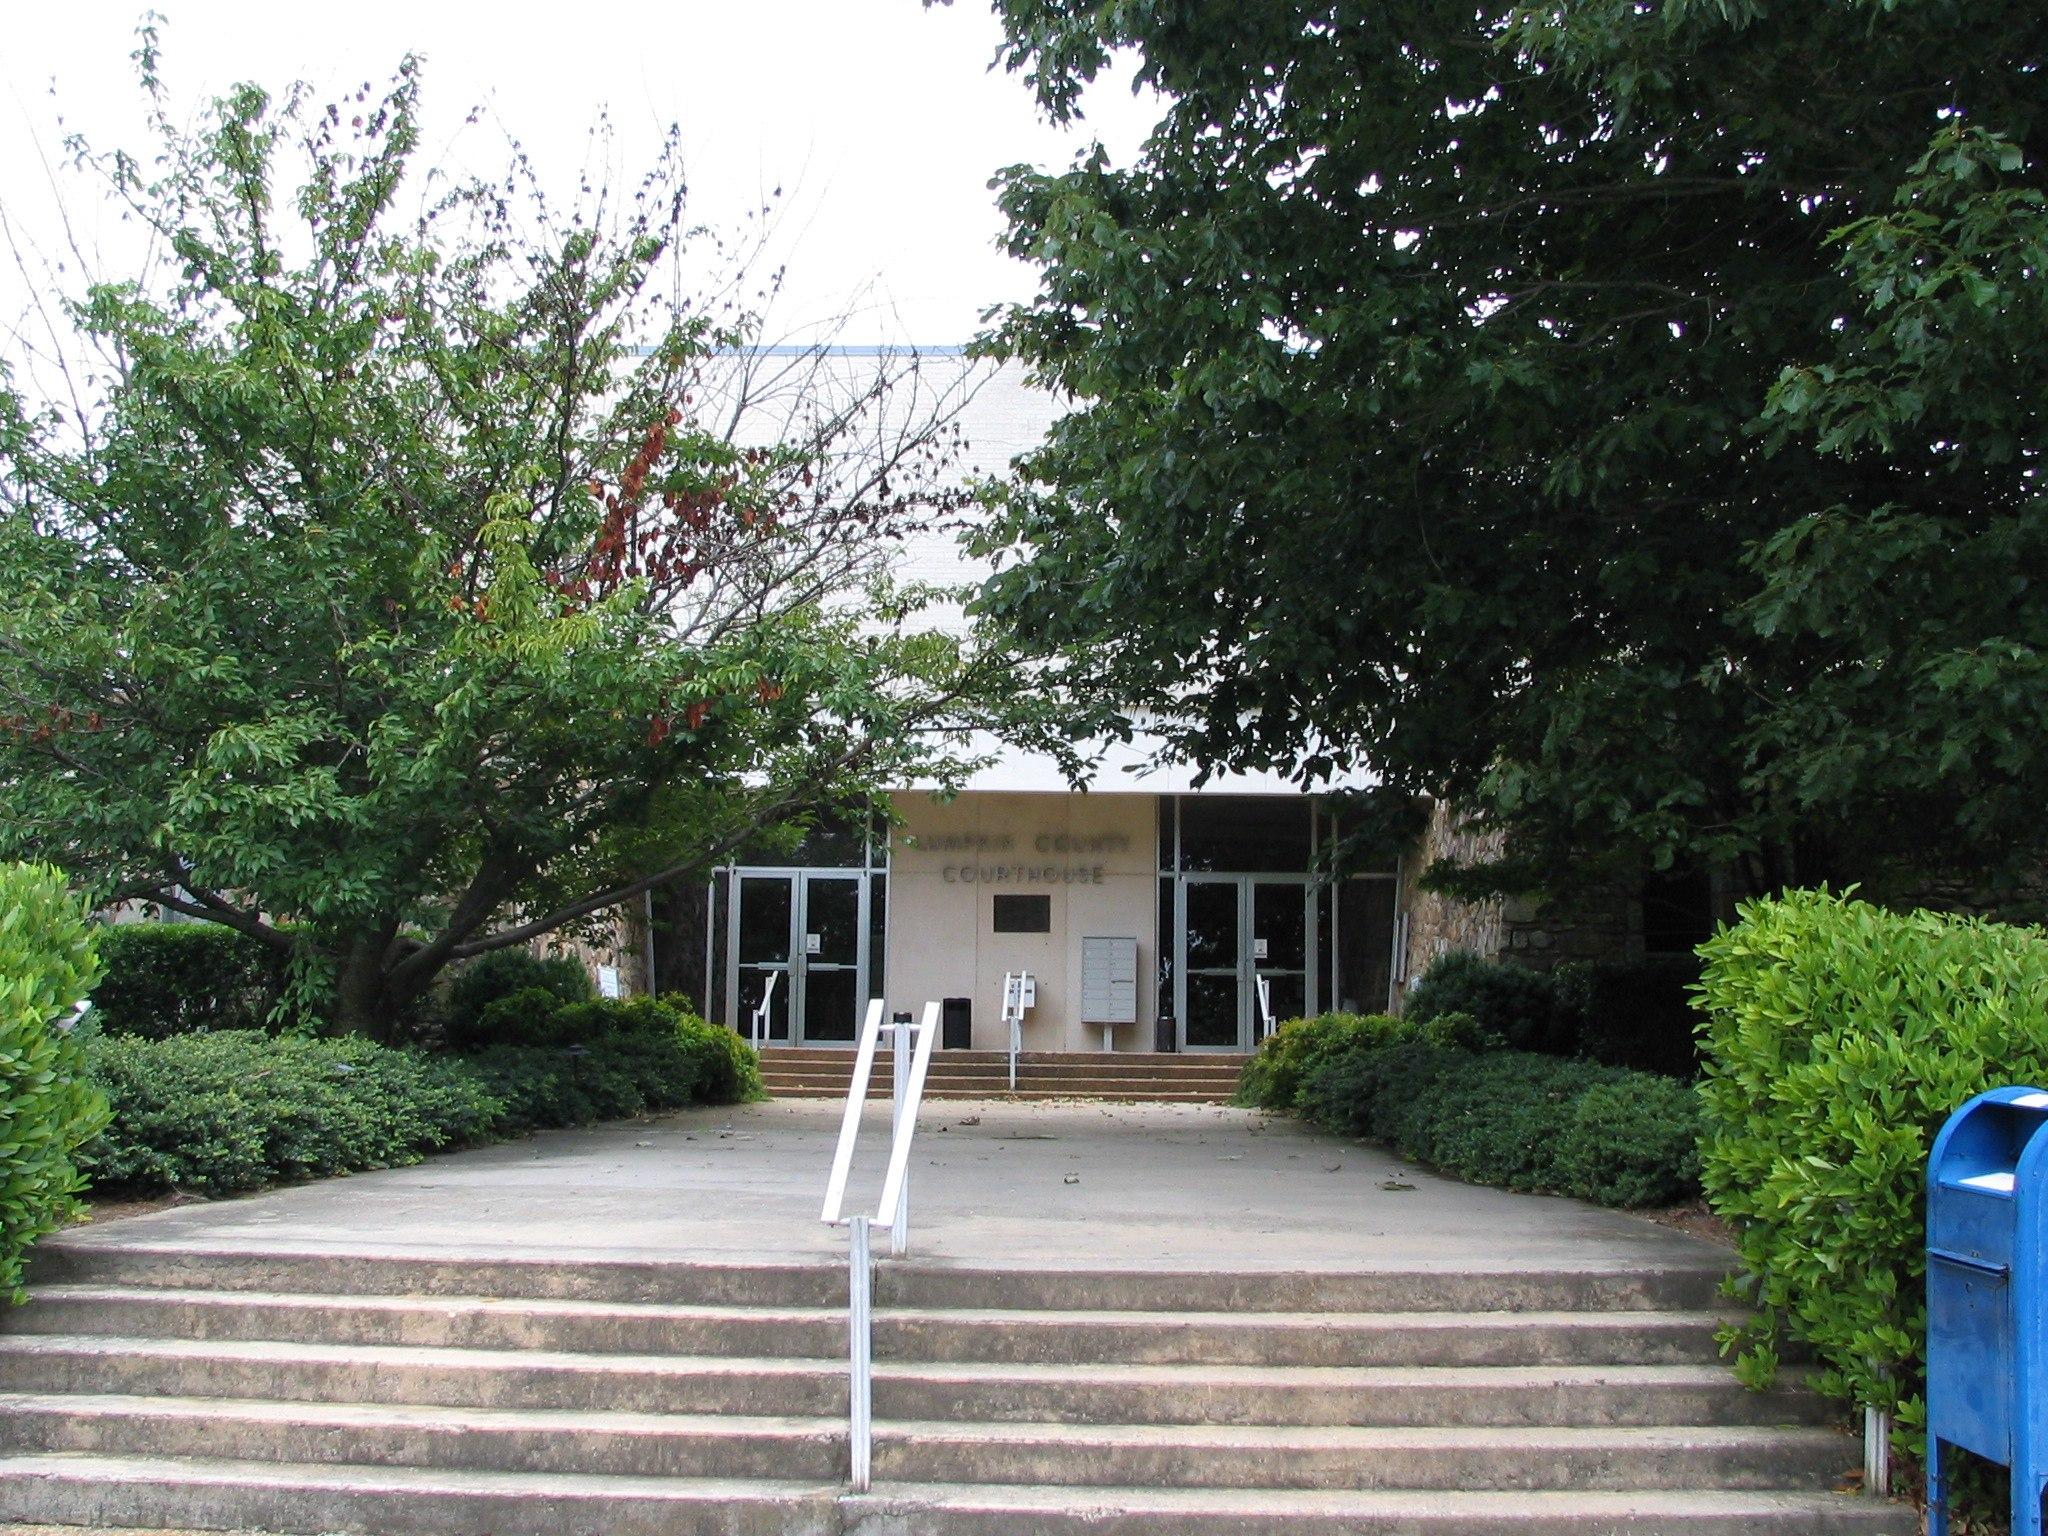 Lumpkin County Georgia Courthouse